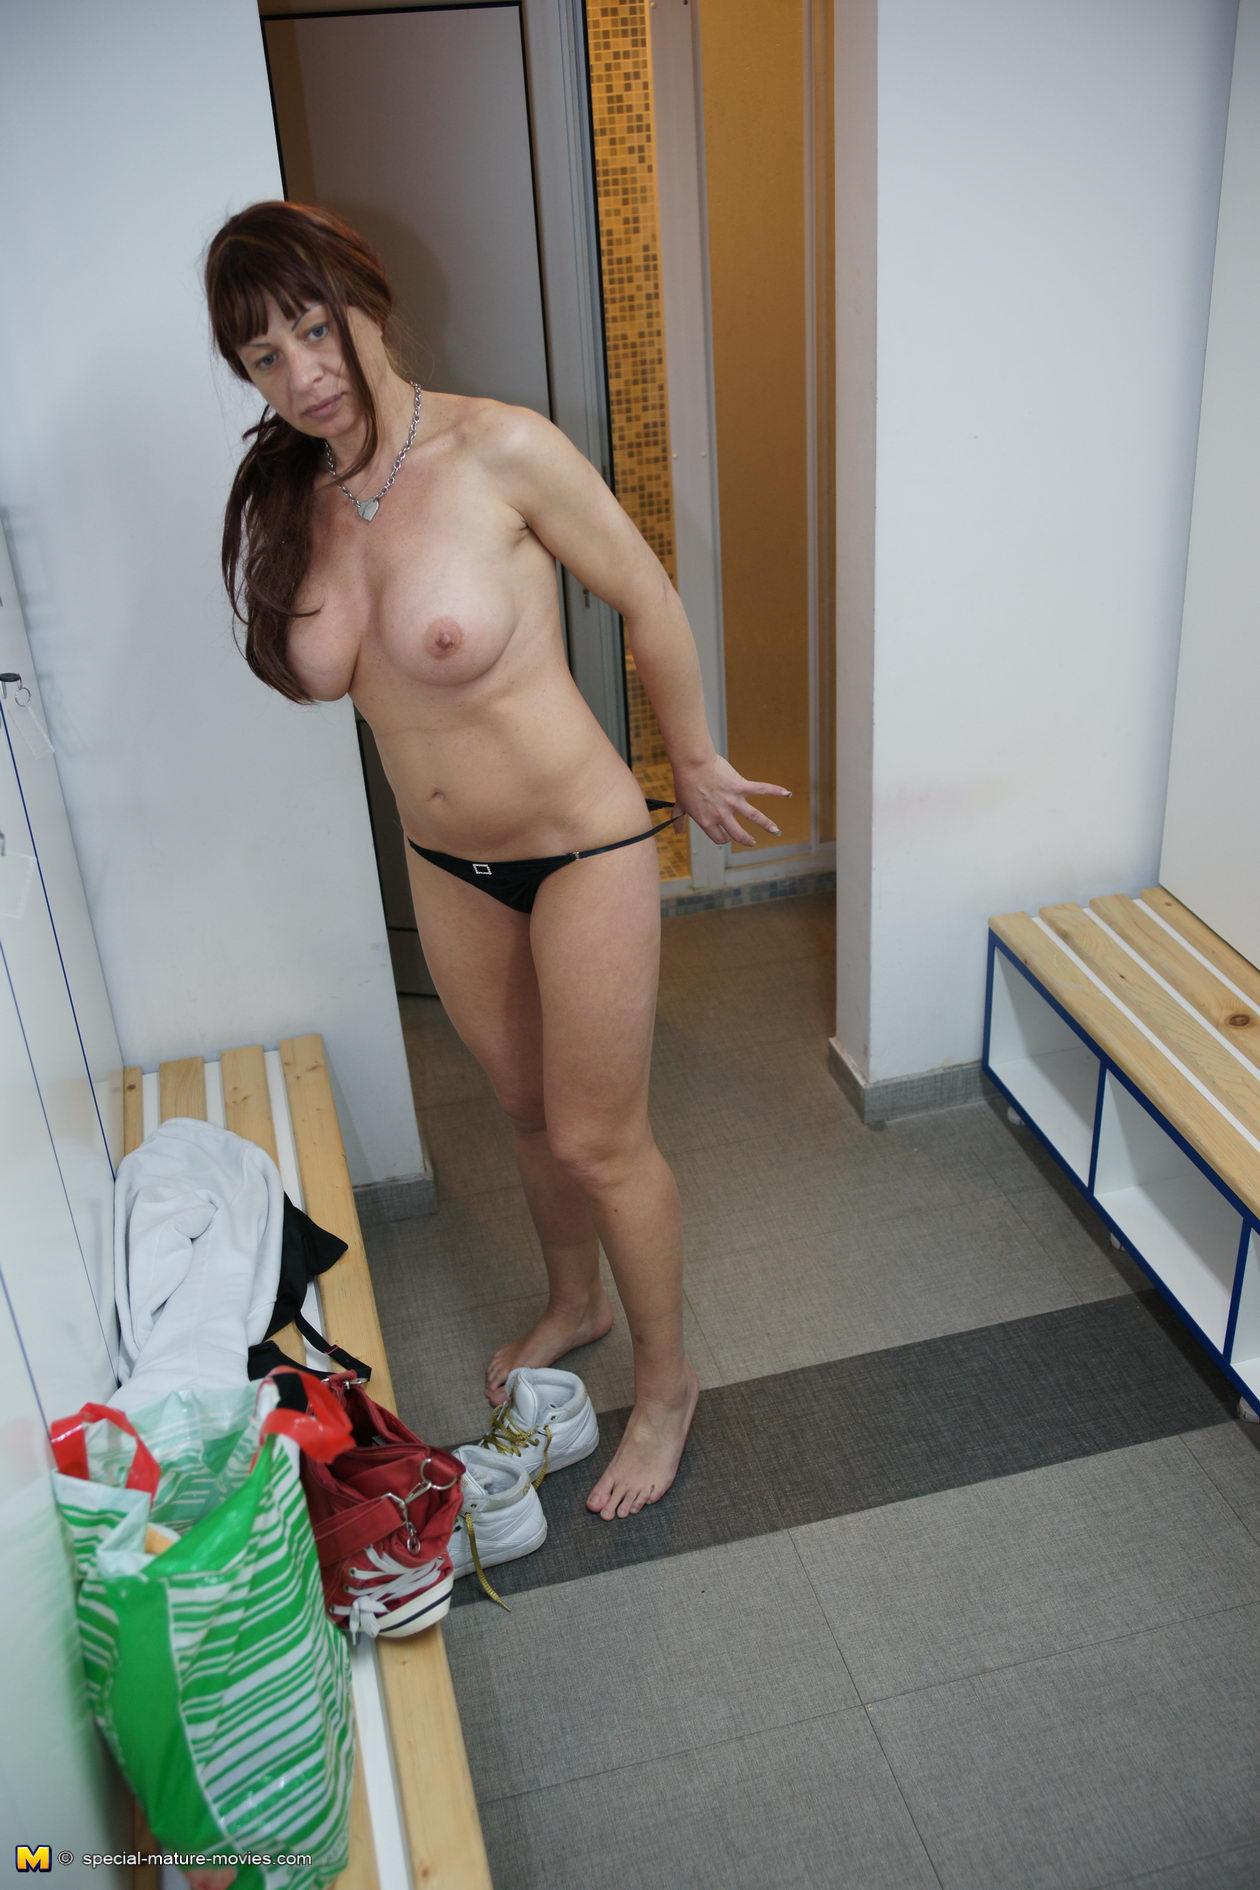 female mature: